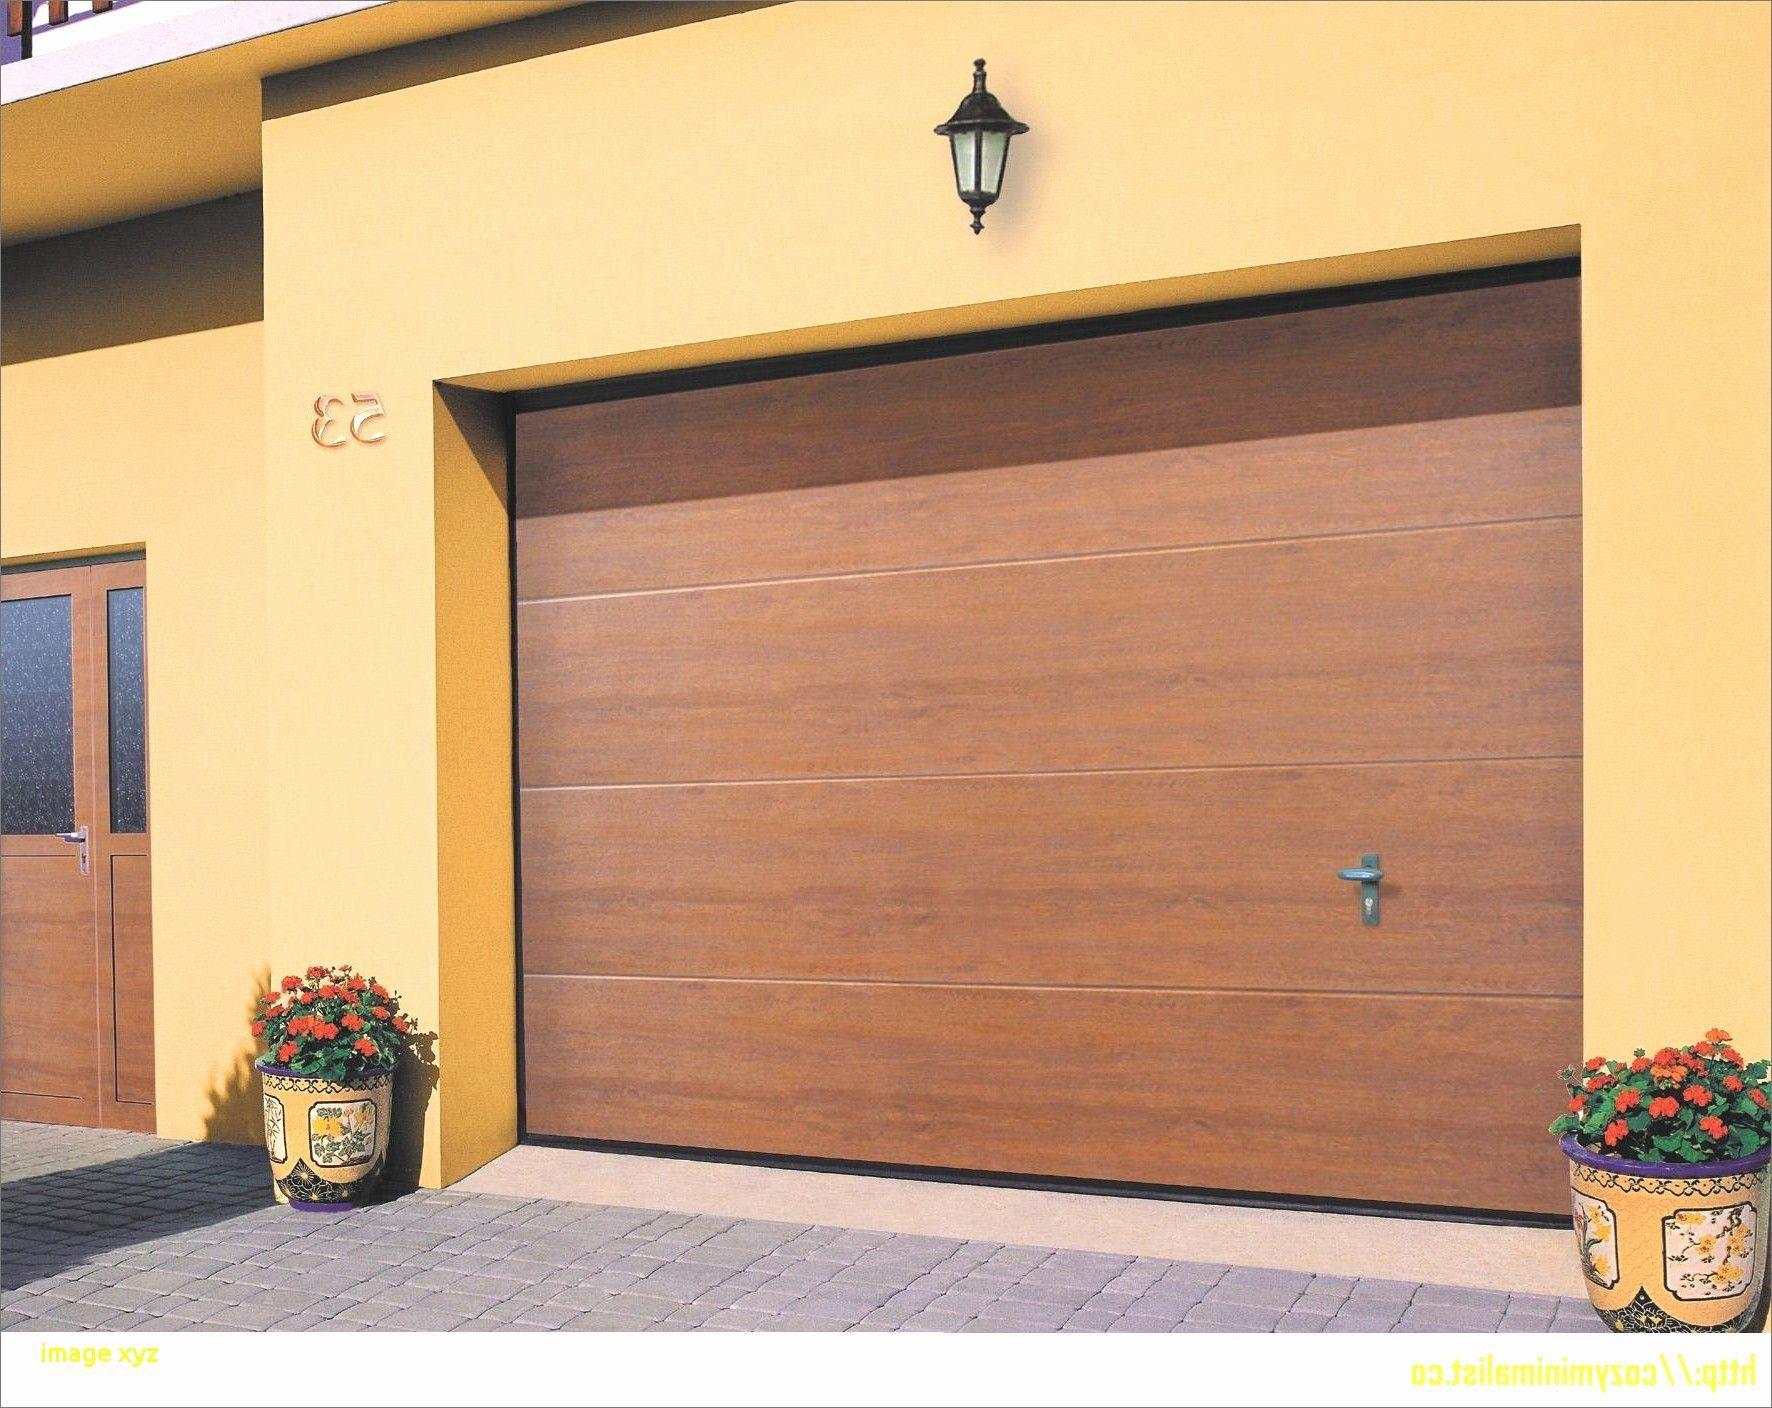 New Poignee De Porte De Garage Basculante Porte De Garage Basculante Poignee De Porte Porte Garage